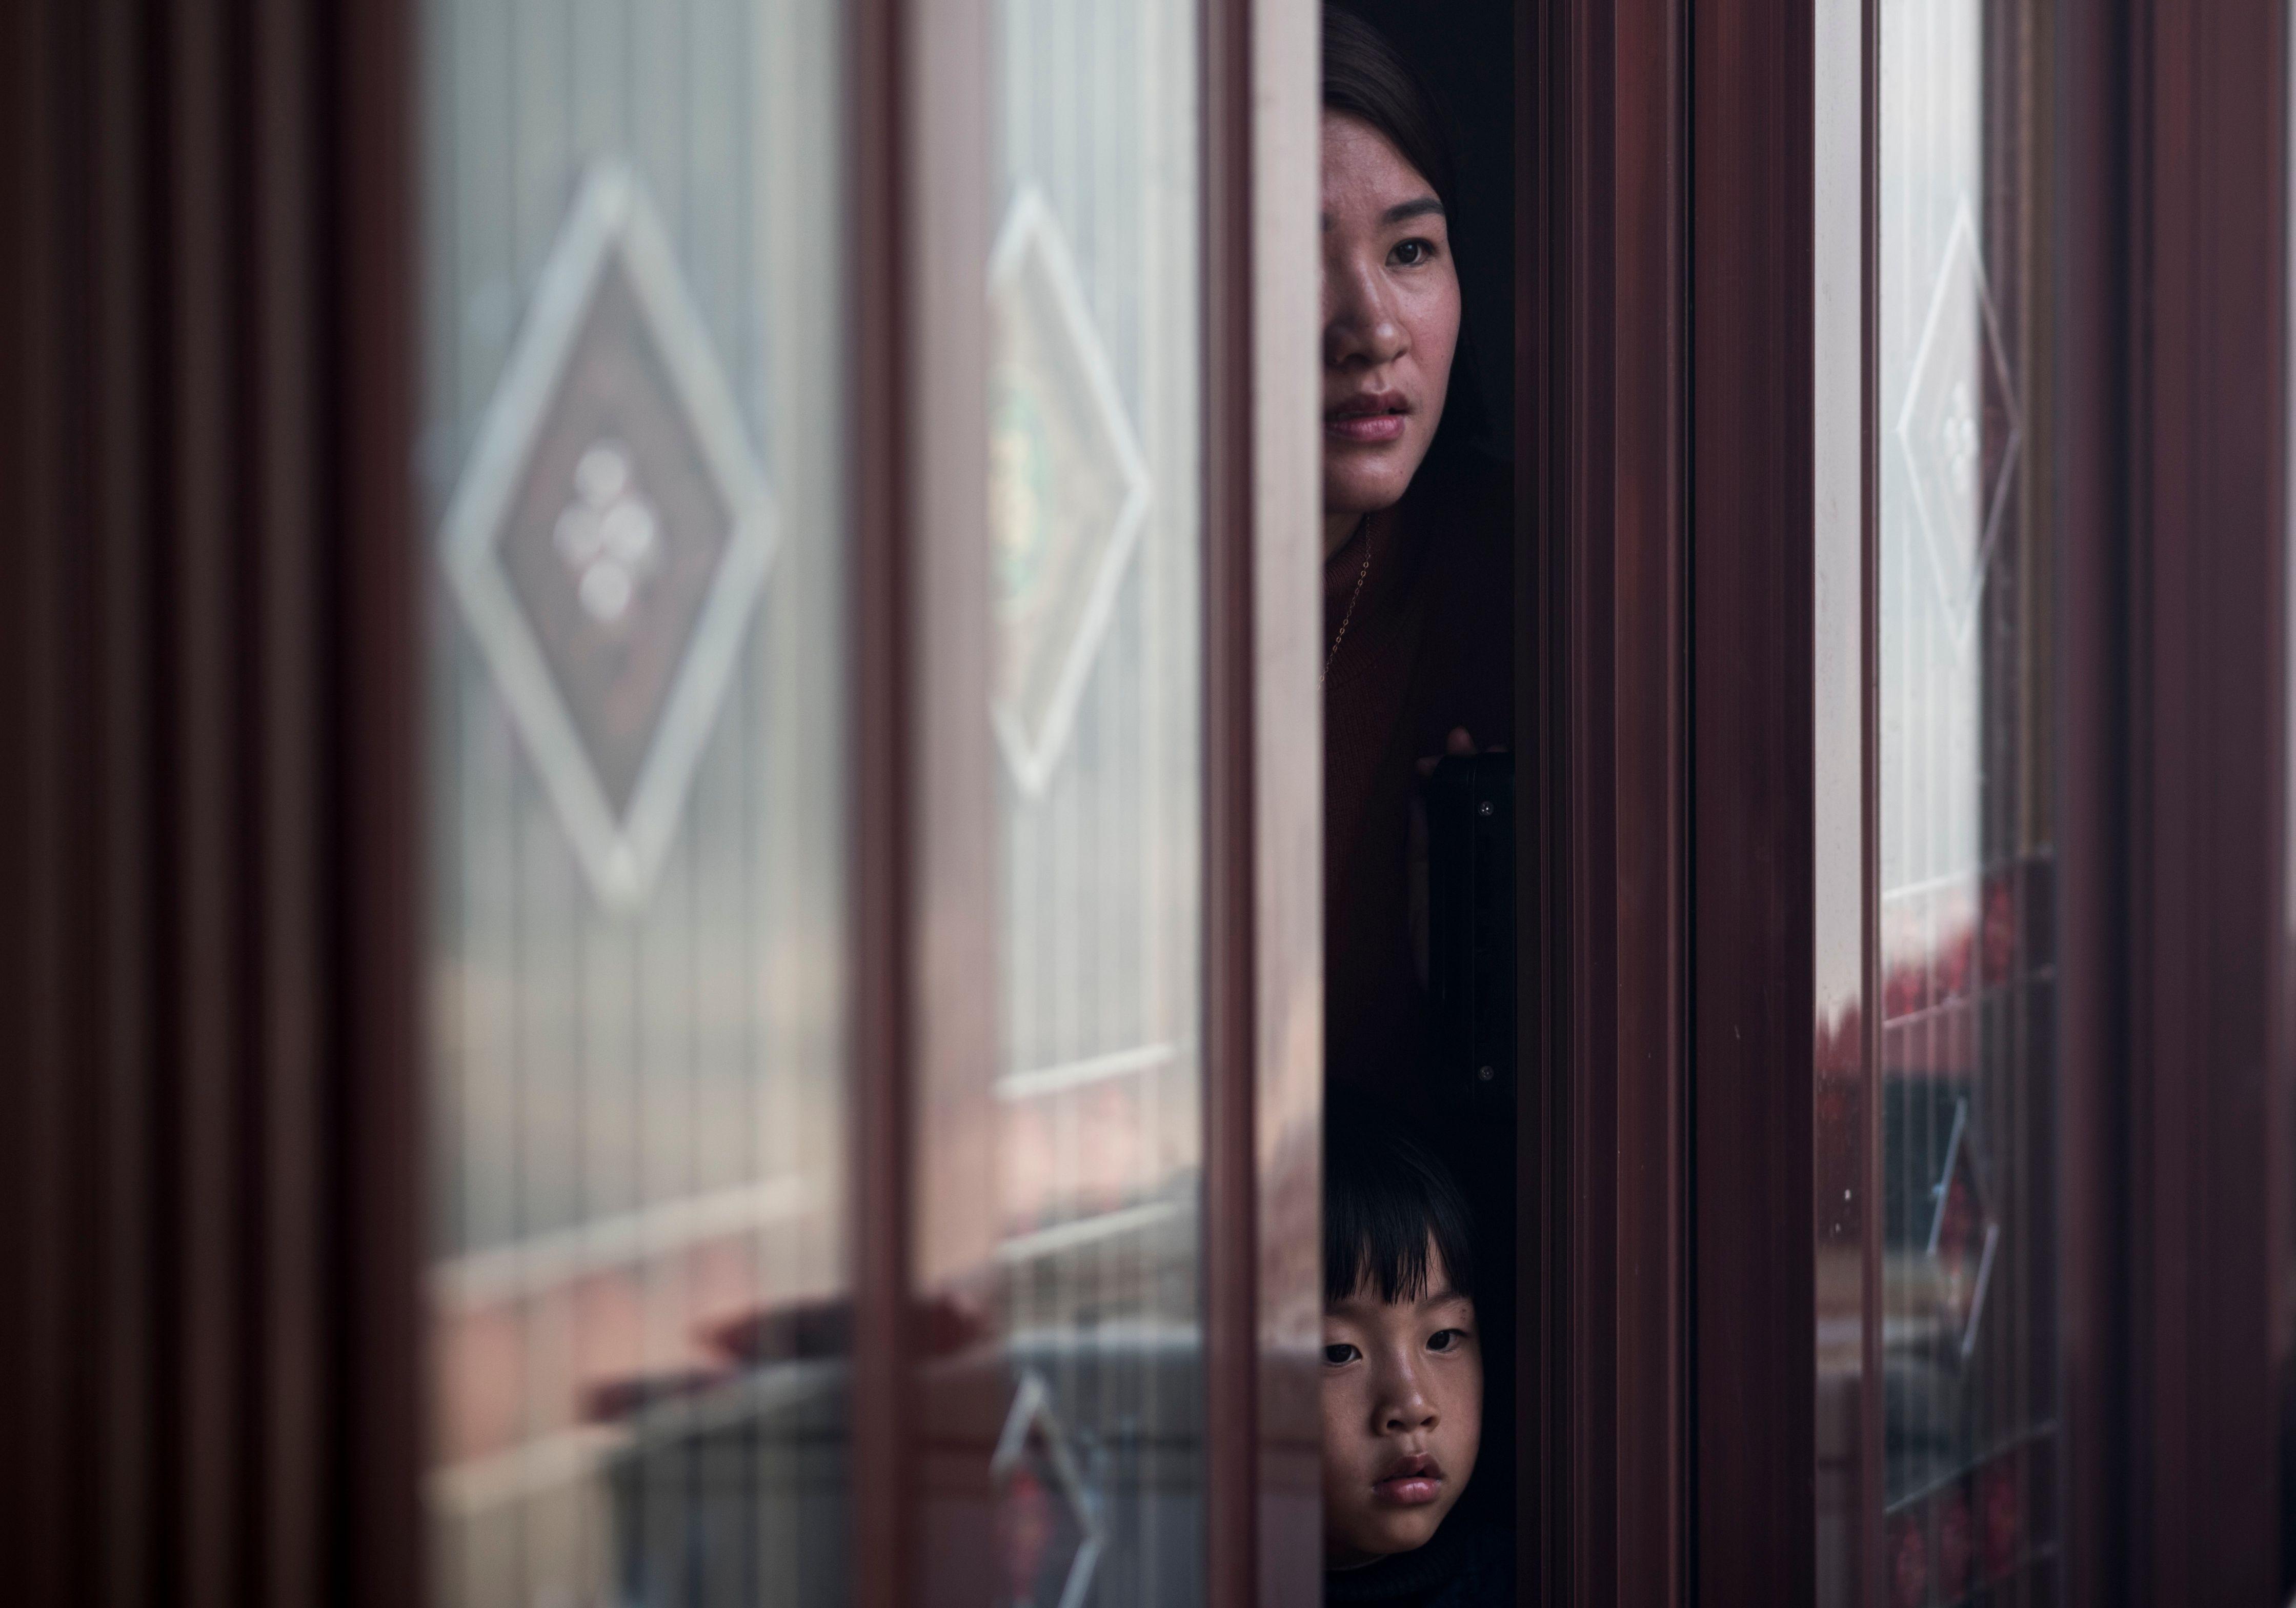 سيدة وطفلها ينظرون إلي الموكب